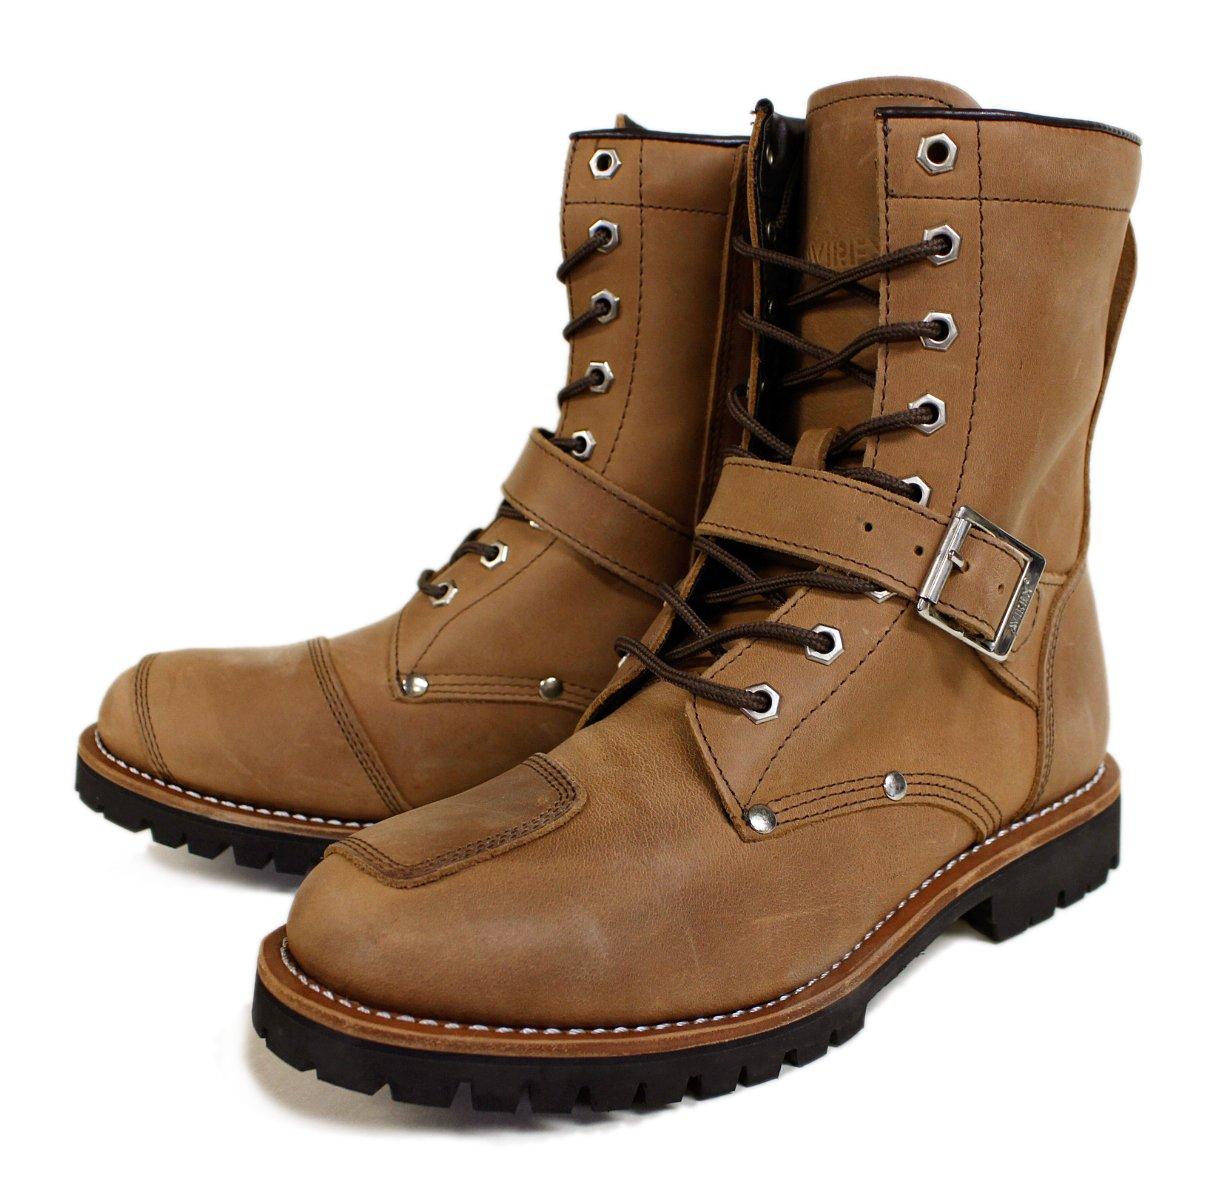 [アビレックス] AVIREX ブーツ YAMATO B00BPP12LA 26.5 cm|ブラウン ブラウン 26.5 cm